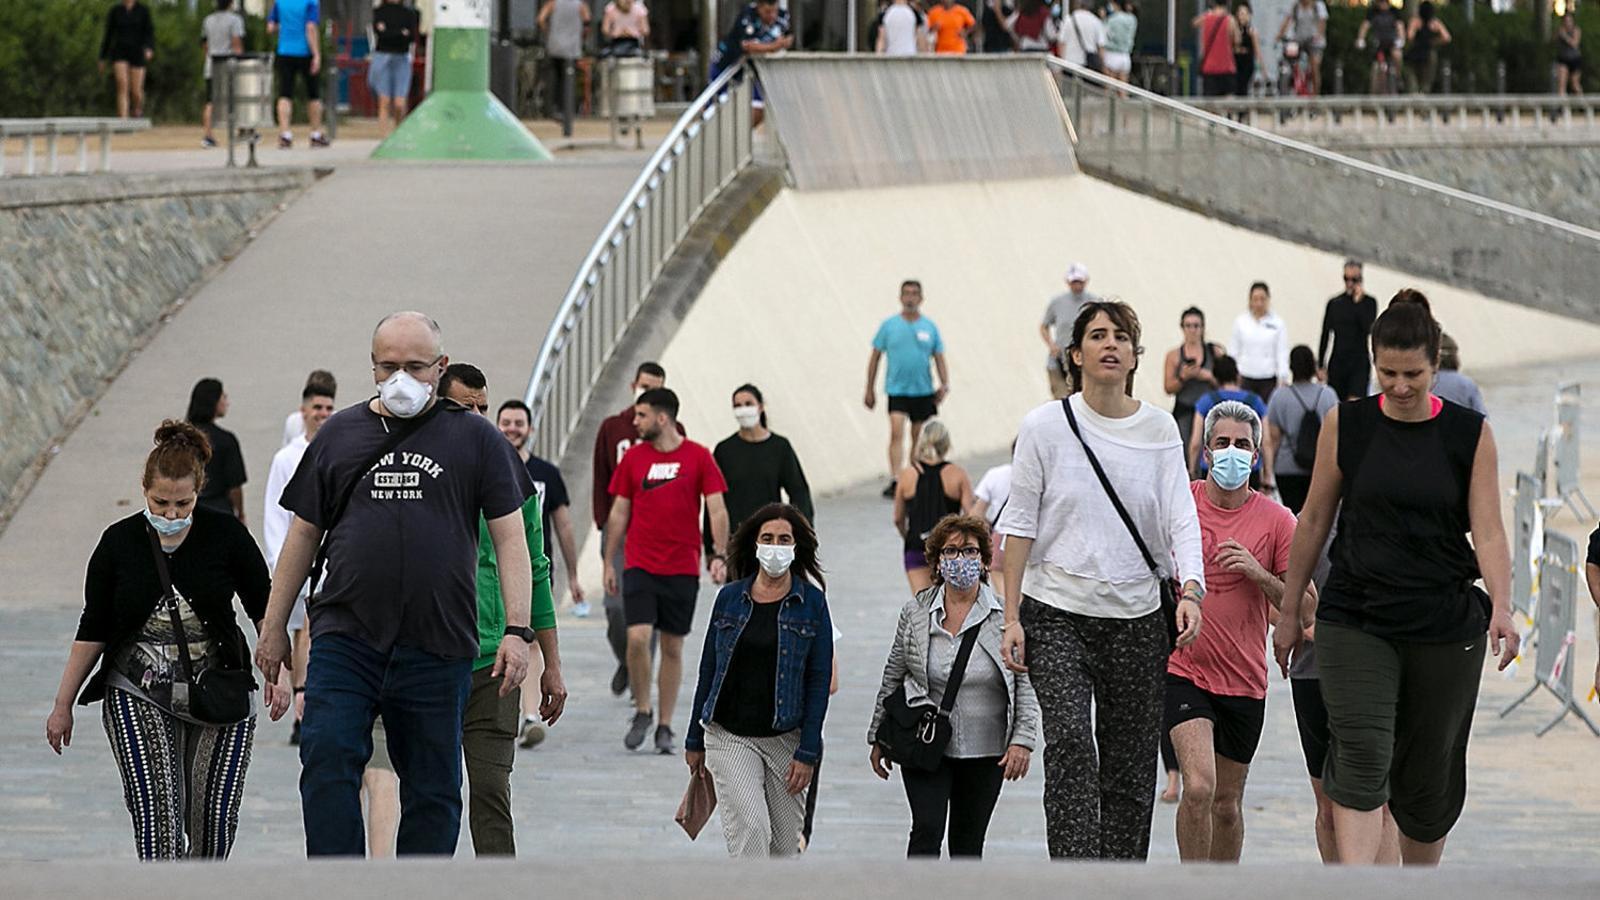 Diverses persones passejant prop de la platja del Bogatell de Barcelona amb mascareta.